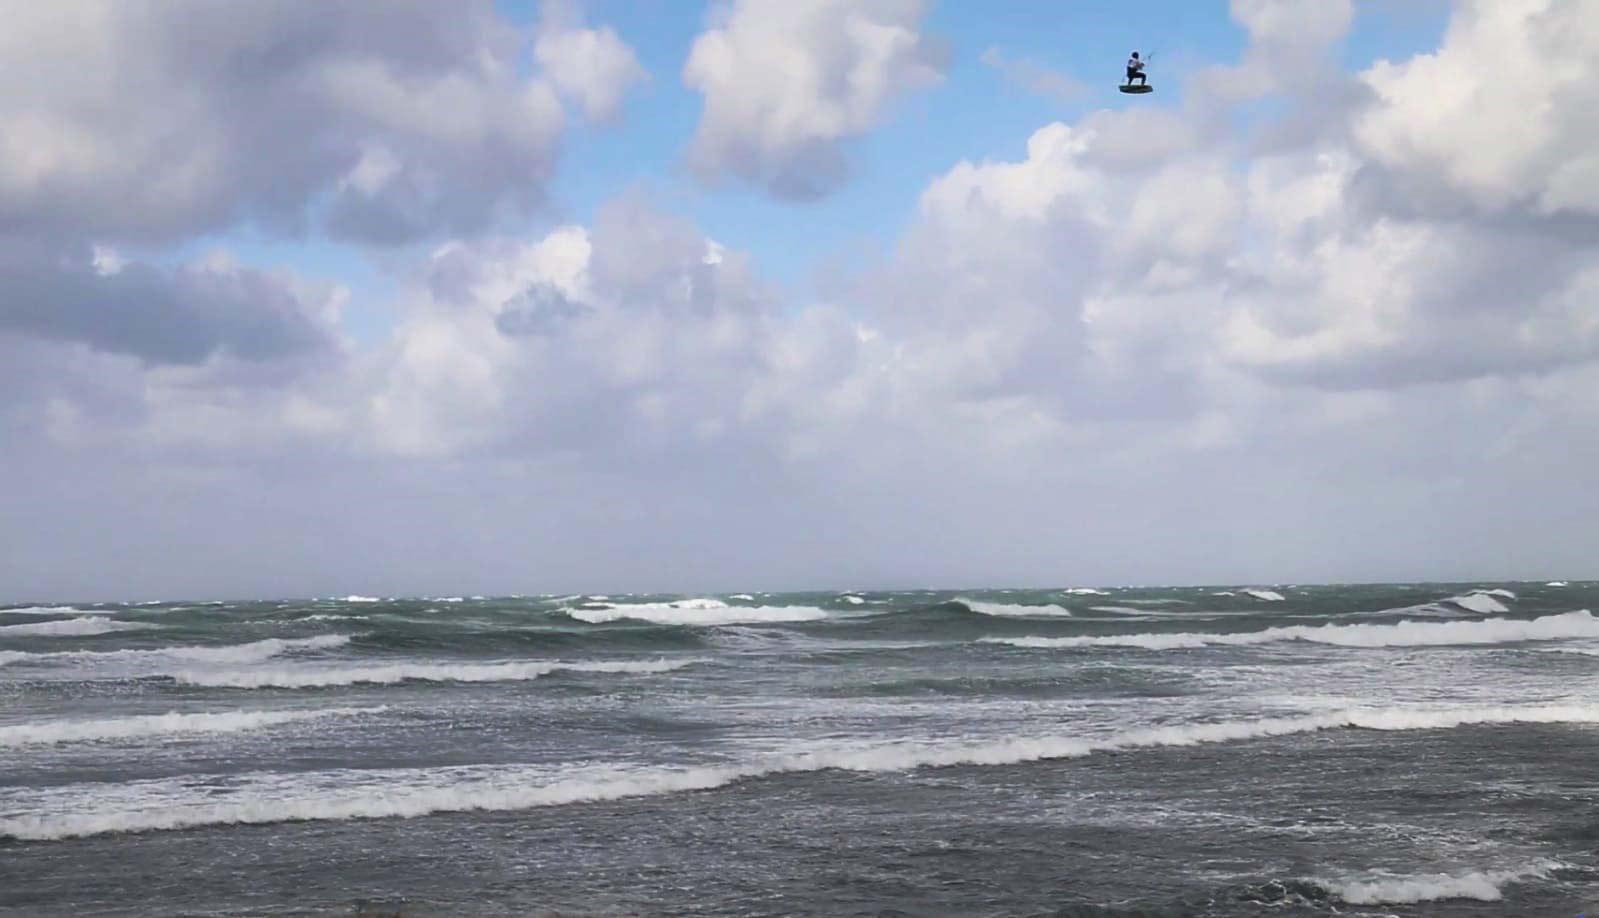 קייטסרפינג: הגולש אריאל חכם בקפיצות לגובה של 26 מטרים ומרחק של מעל 100 מטרים (צילום: צחי כהן - יבואן גלשני CORE)